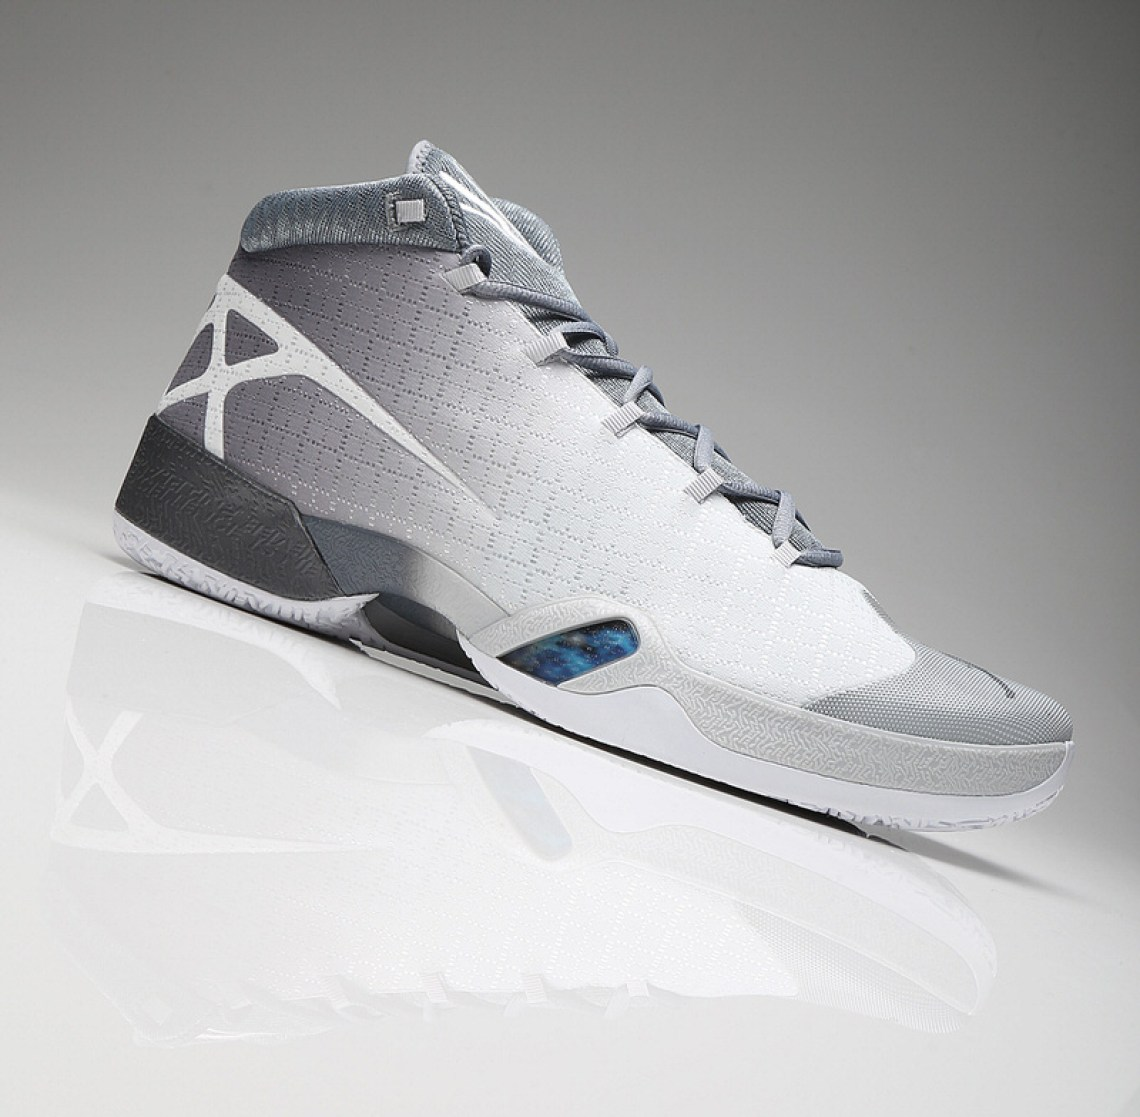 superior quality d9e36 6b5fc ... Kawhi Leonard Air Jordan XXX PE 10